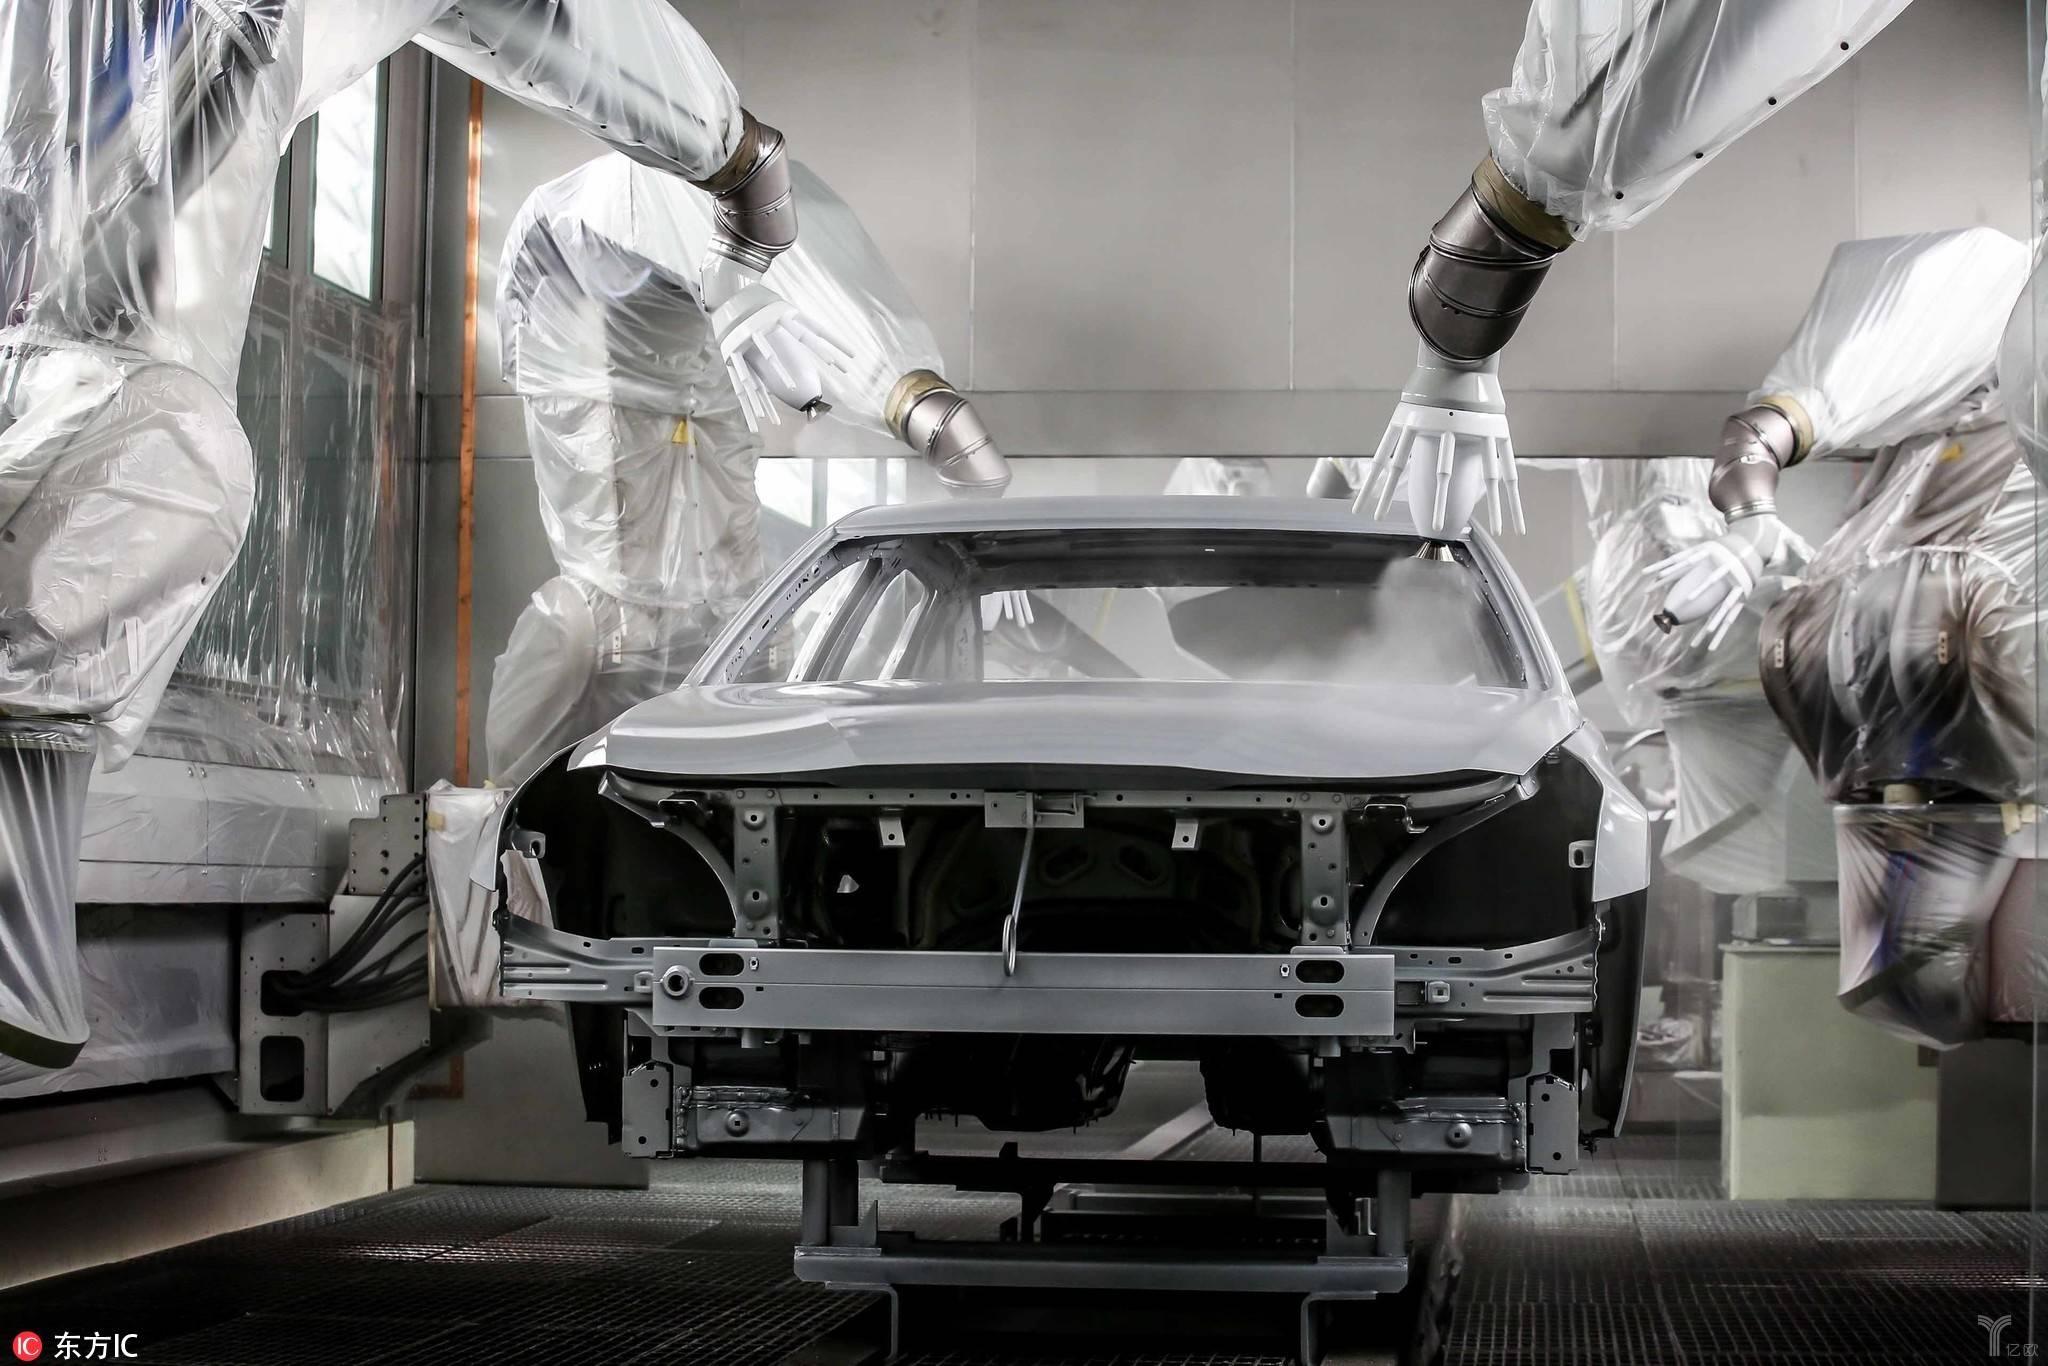 从全新平台、铝车身和碳纤维看纯电动汽车的工艺革命丨科创新能源专题